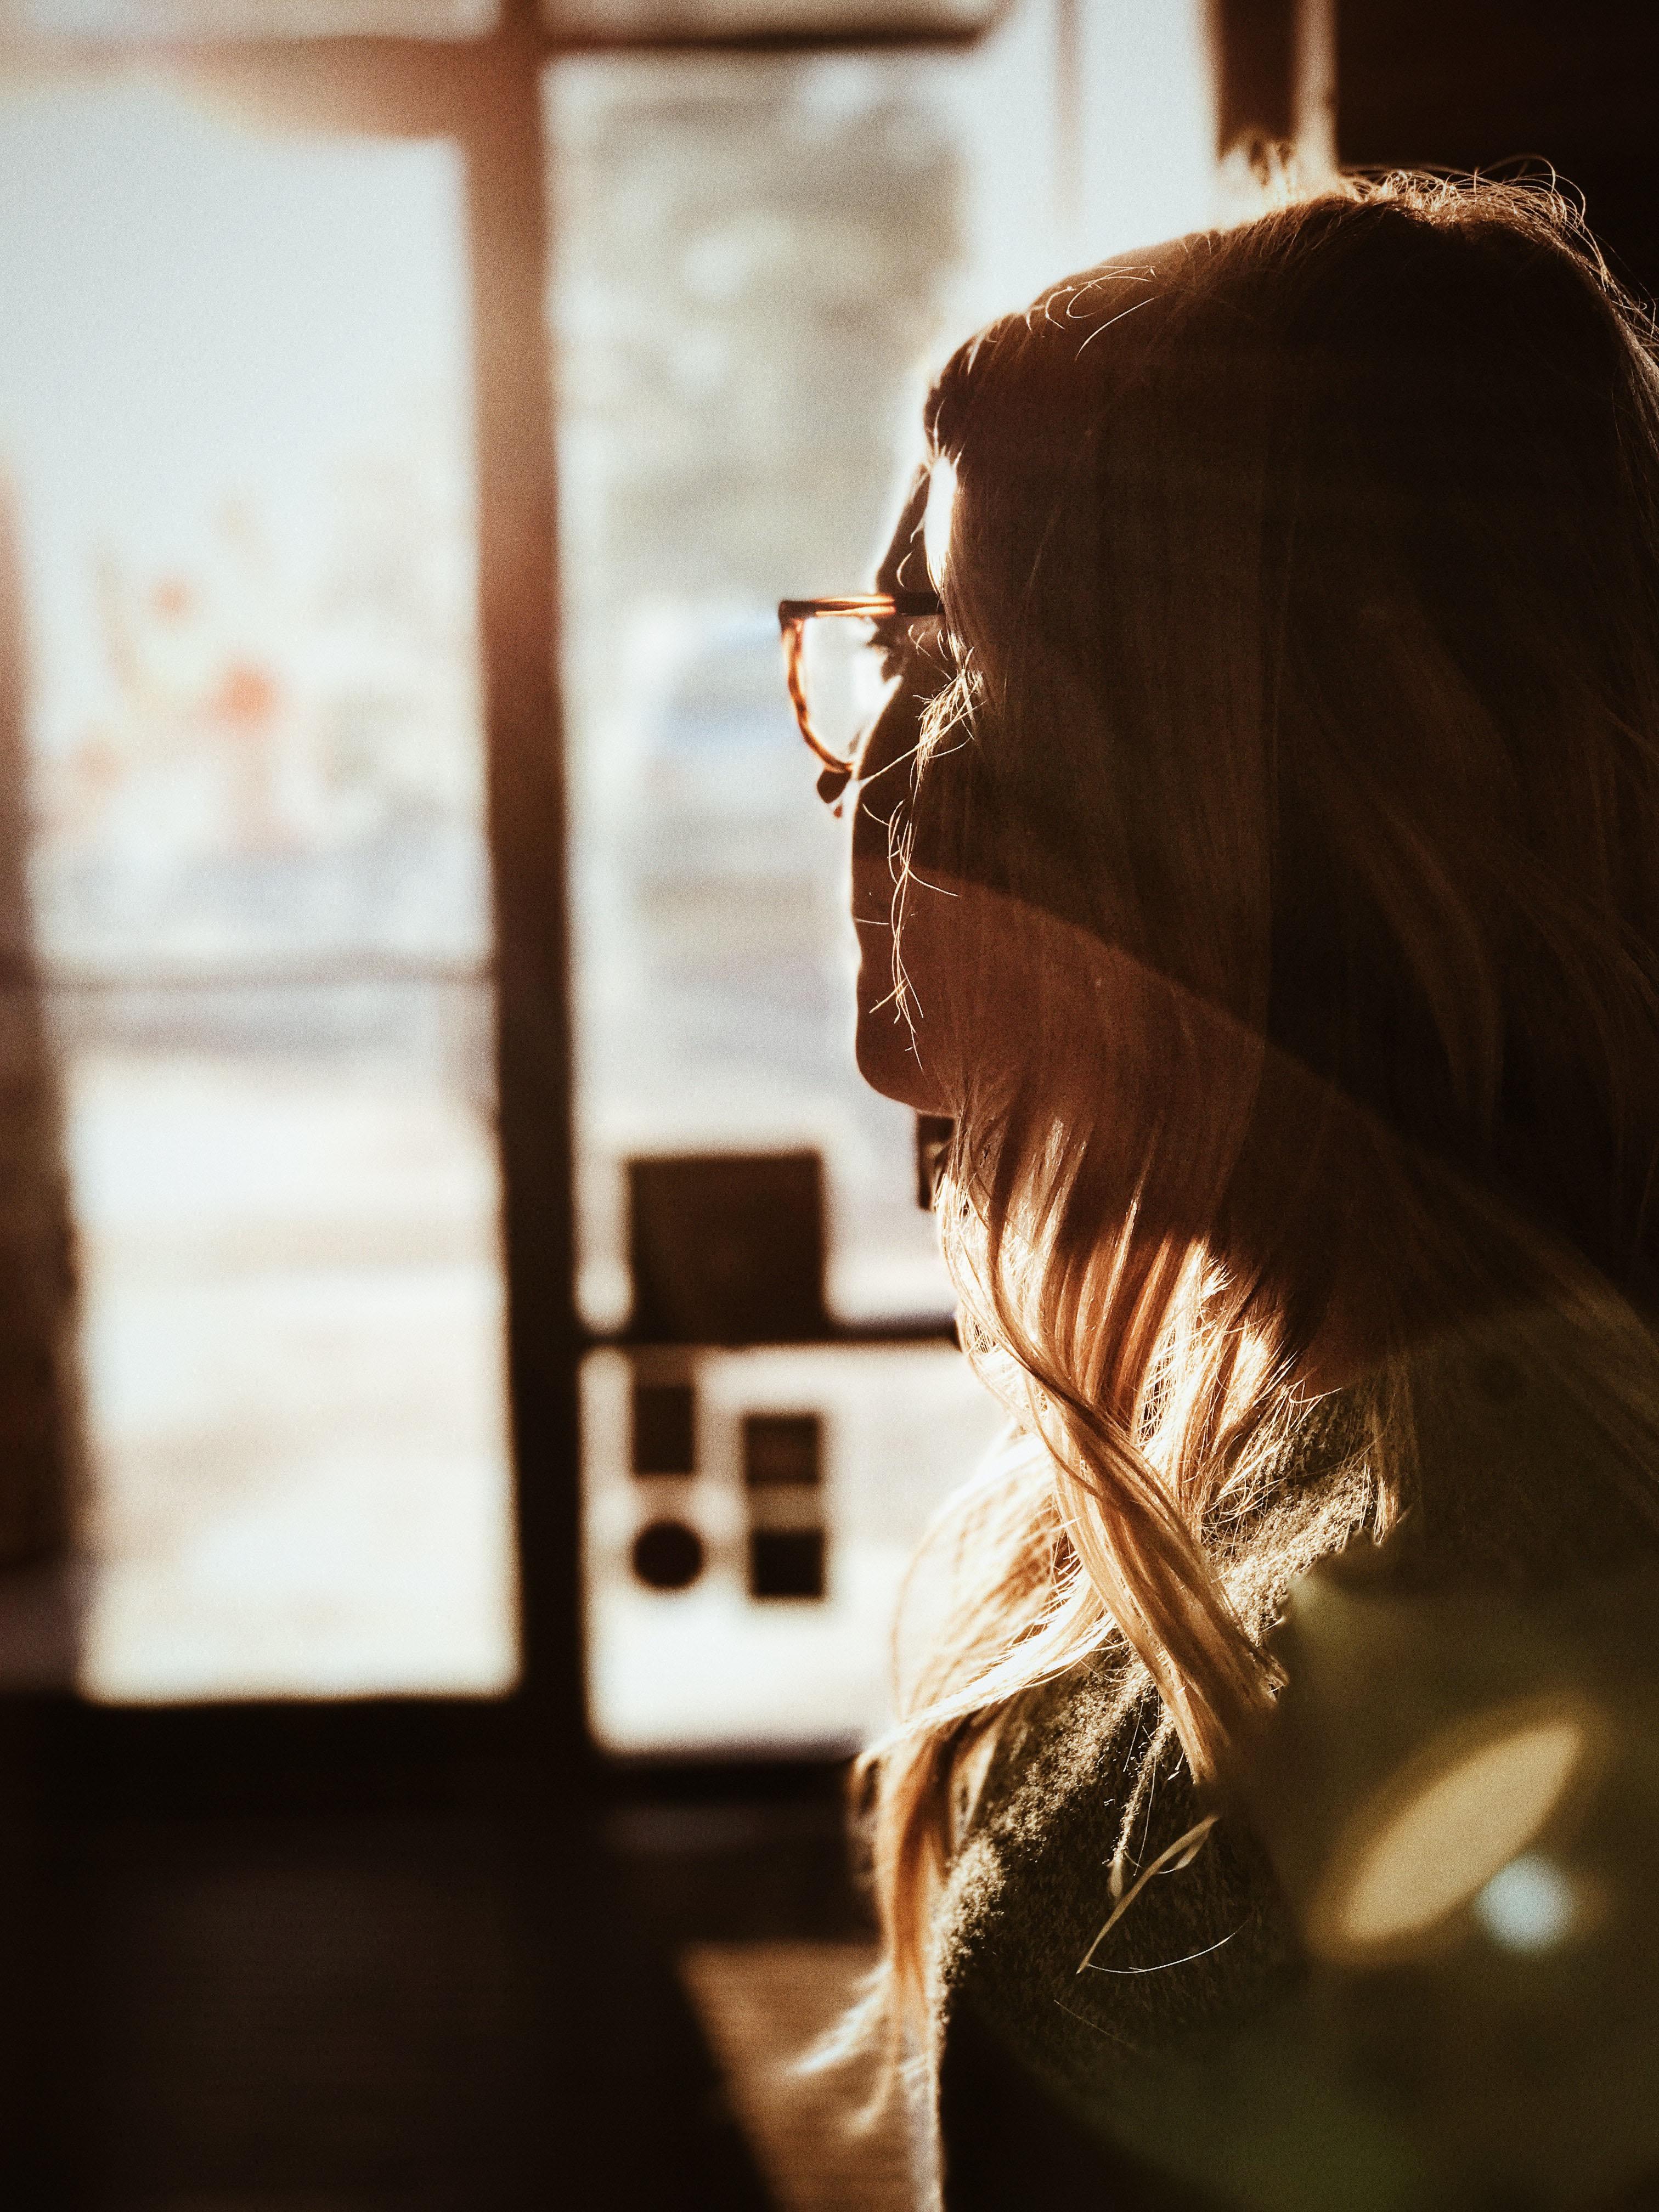 cô gái nhìn ra cửa sổ chấn thương tâm lý